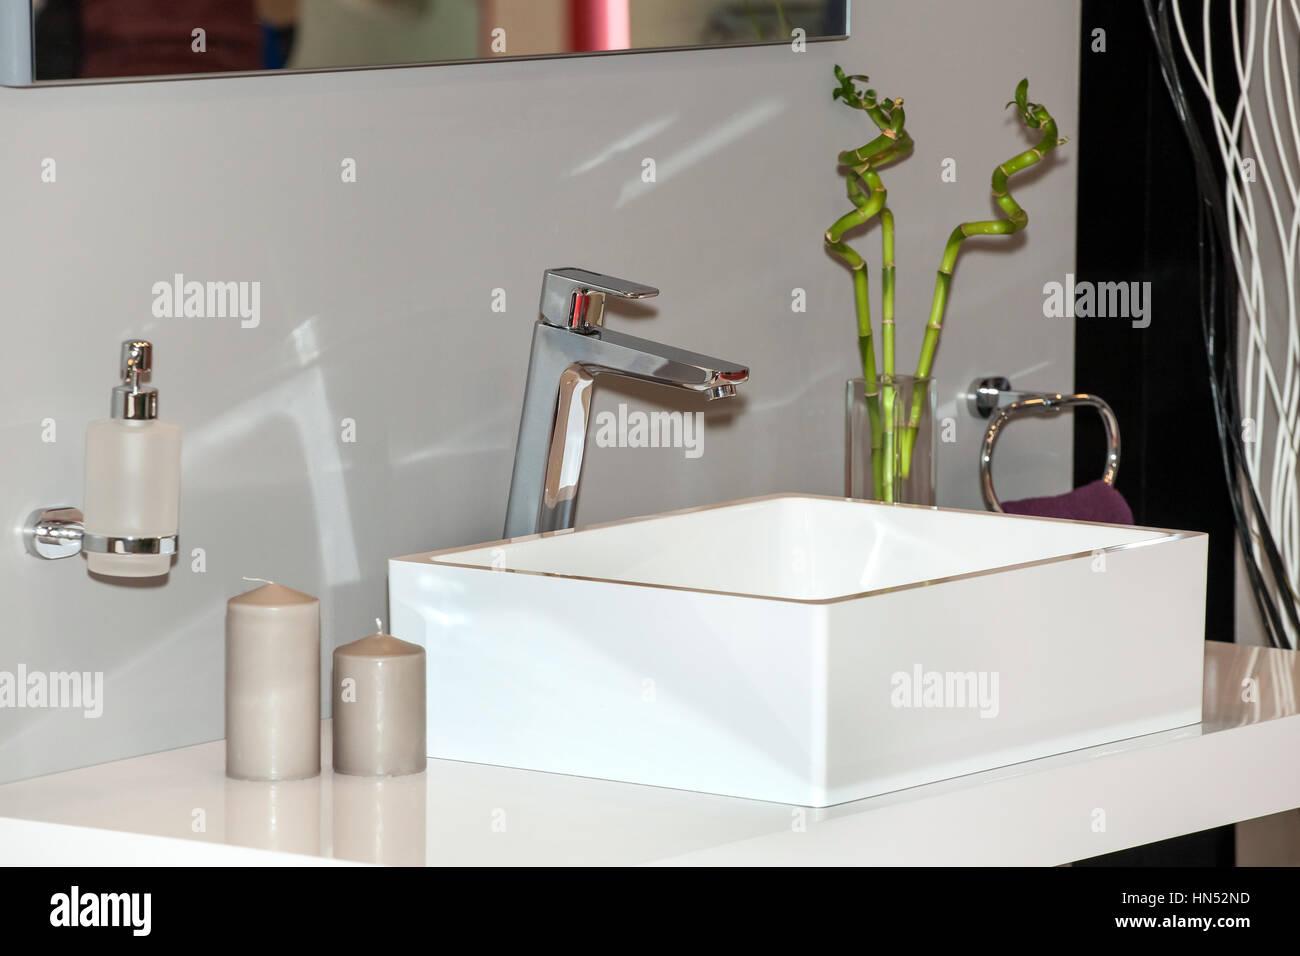 Classico bagno in ceramica lavandino con rubinetto cromato foto immagine stock 133492281 alamy - Rubinetto lavandino bagno ...